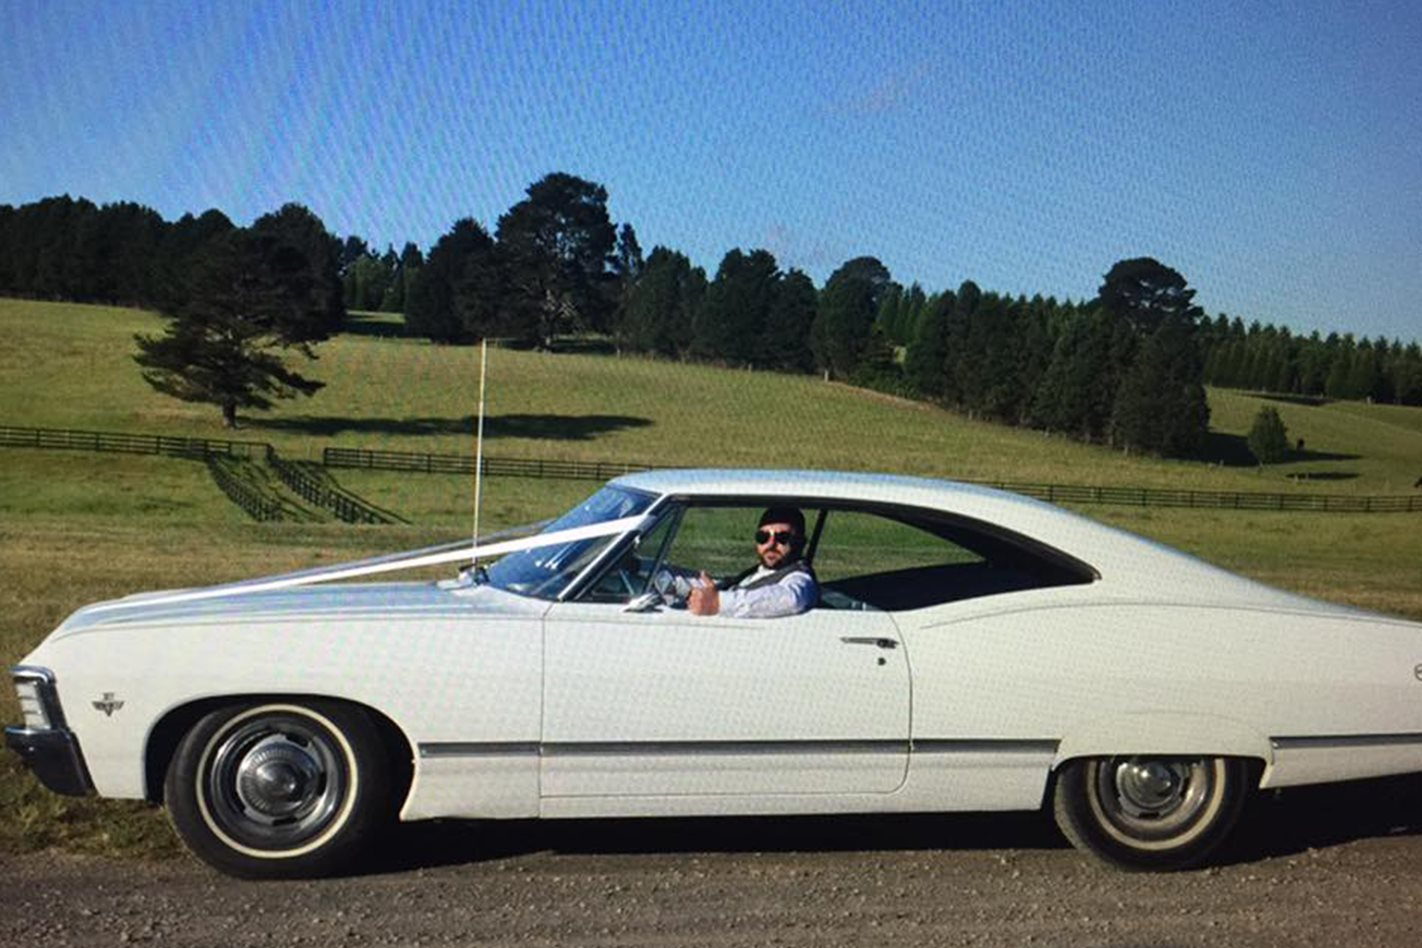 Daniel Wonson's '67 Impala